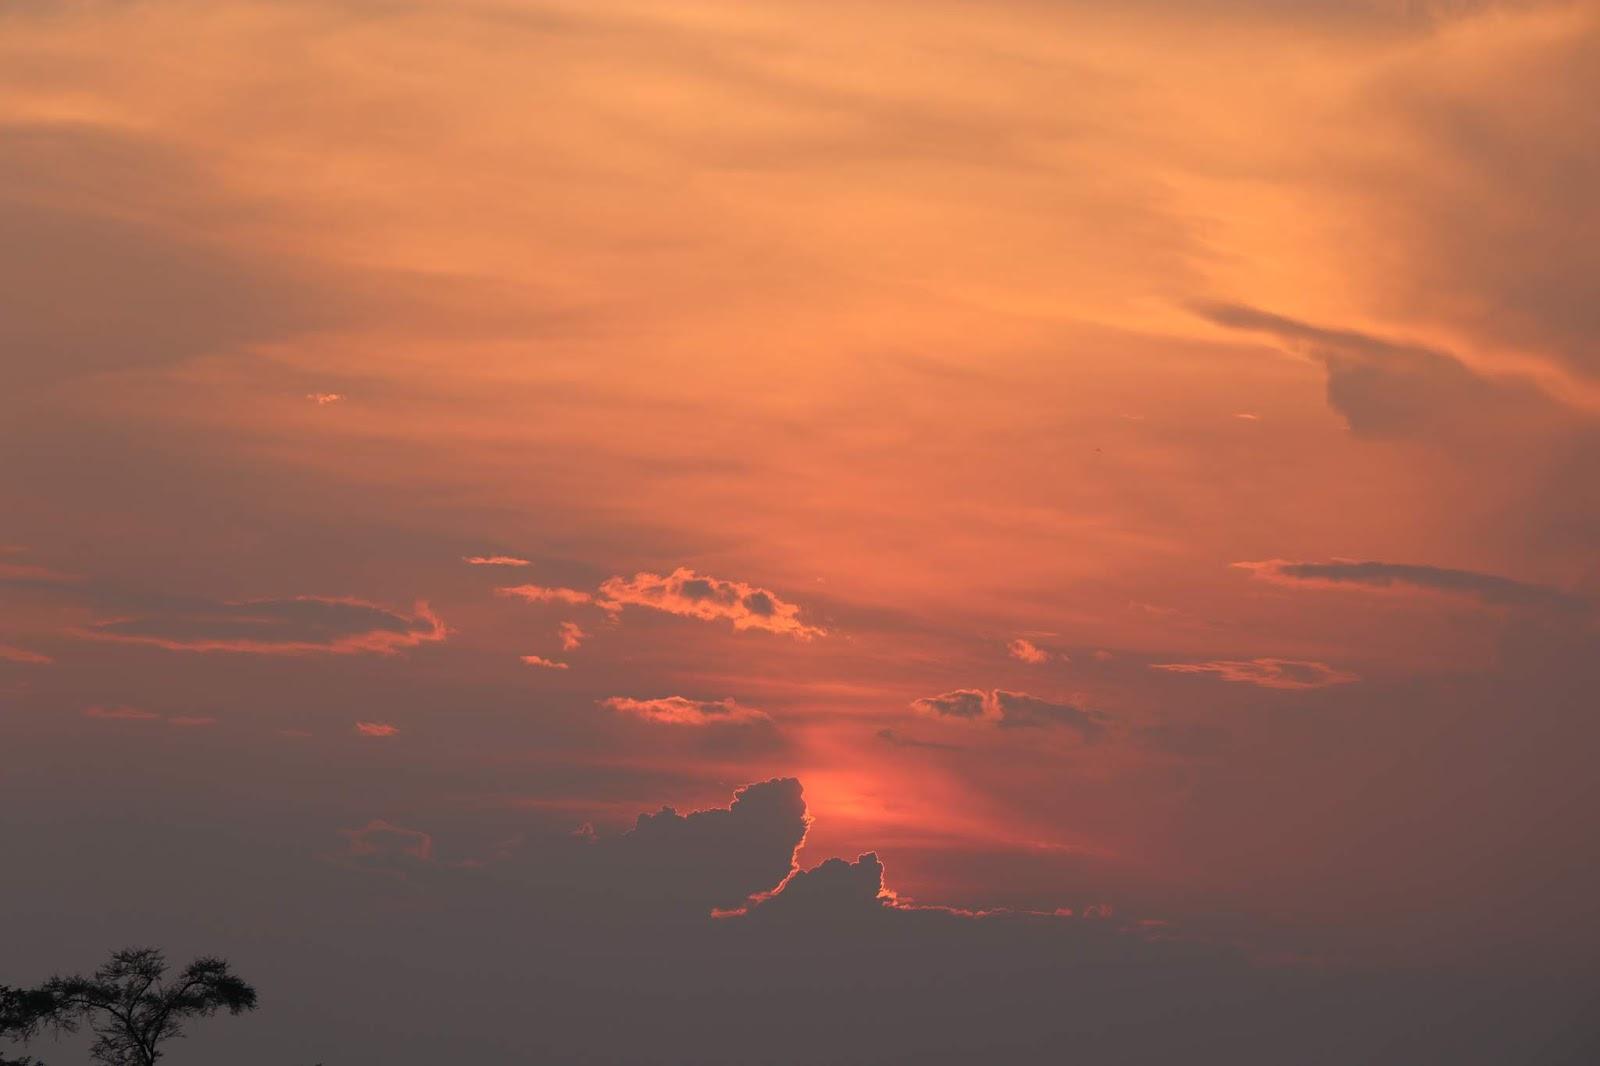 sunset, sunset images, sunset time, sunrise sunset, beautiful sunset images, sunset photos,